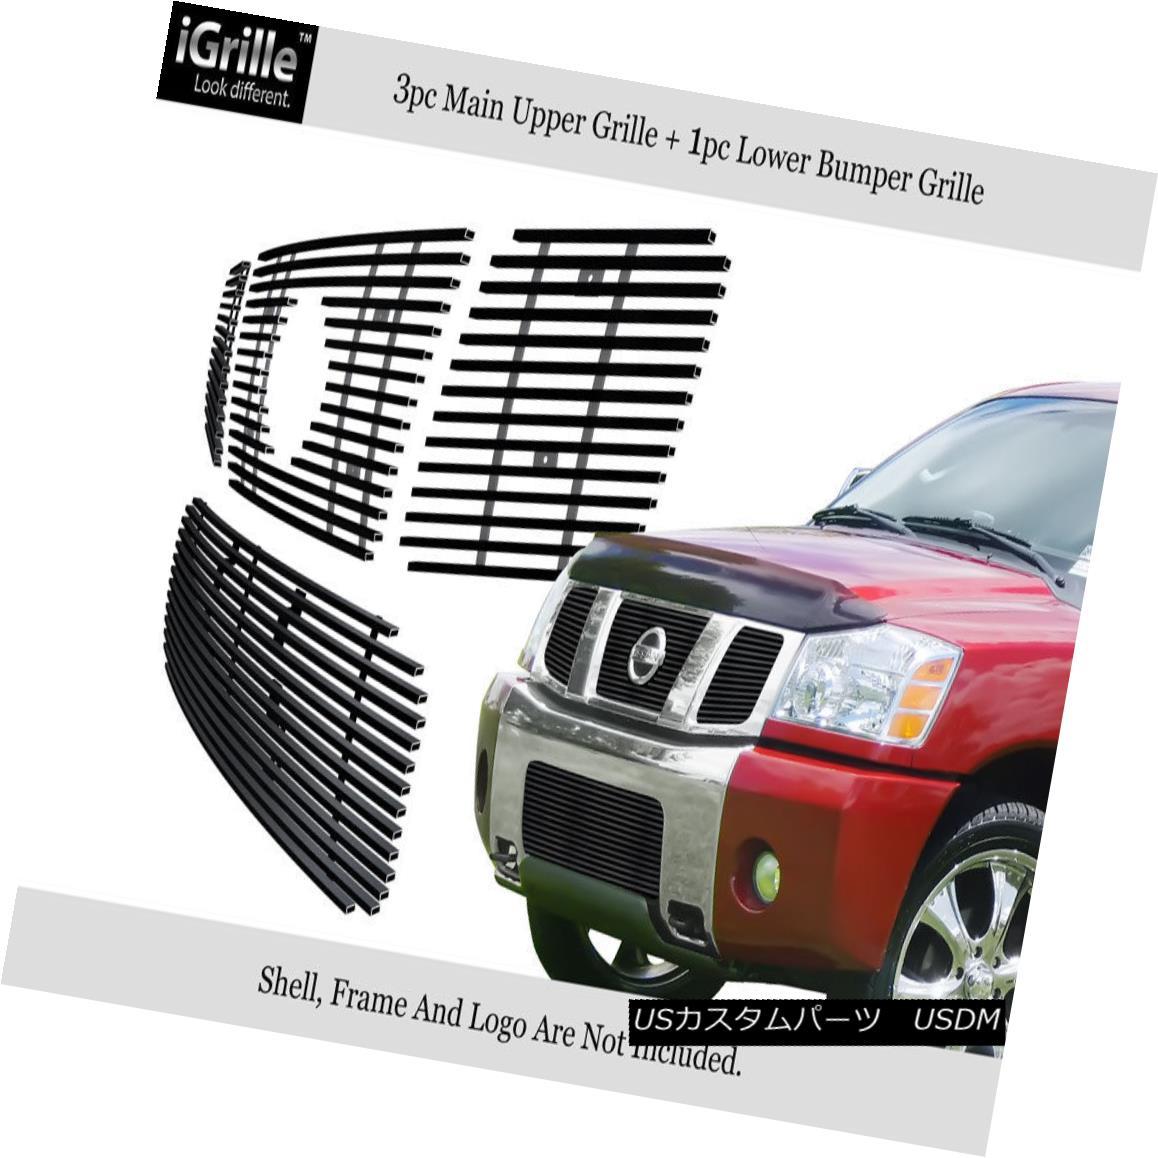 グリル Fits 2004-2007 Nissan Armada/Titan Stainless Steel Black Billet Grille Combo フィット2004-2007日産アルマダ/タイタンステンレス鋼ブラックビレットグリルコンボ